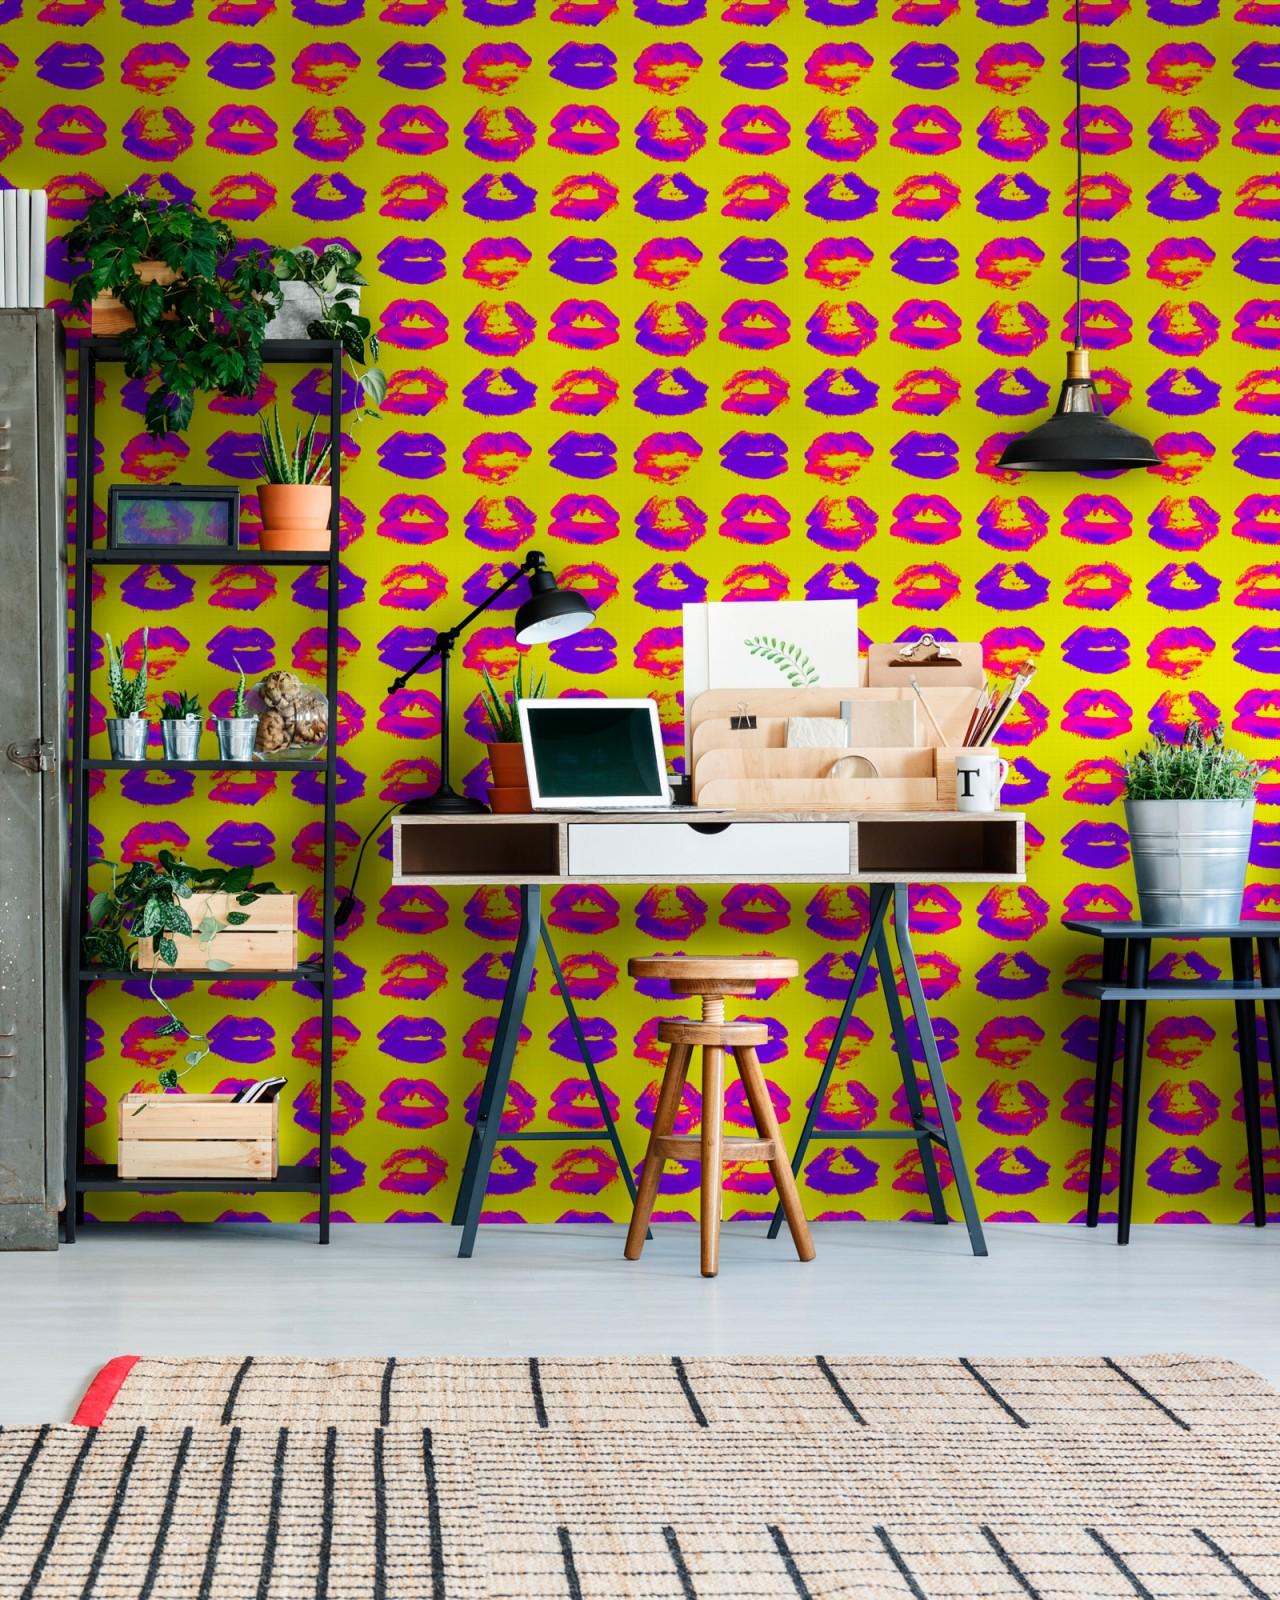 NEON KISS Wallpaper